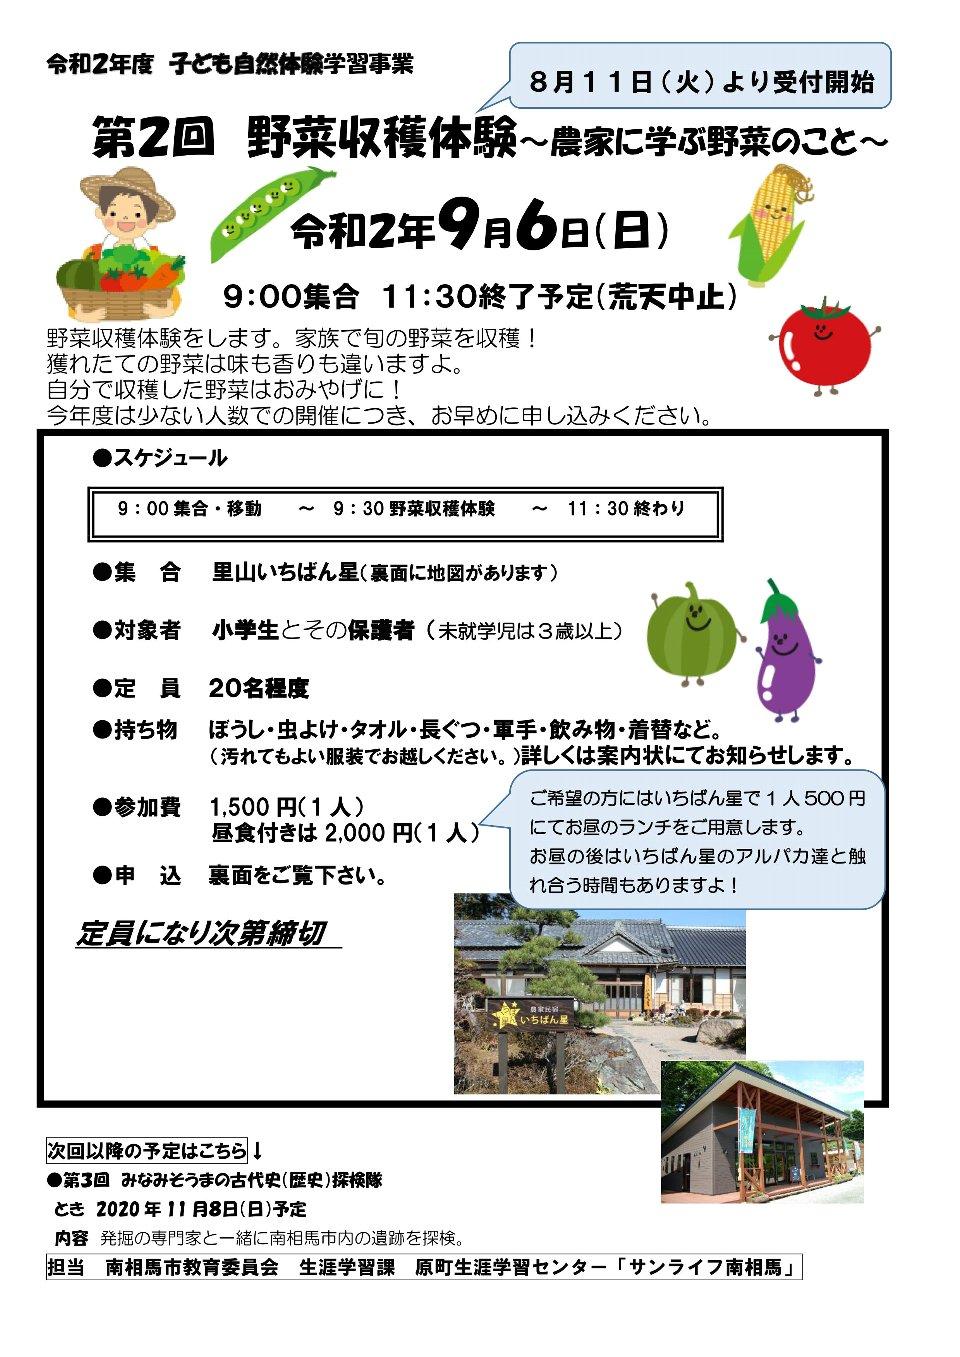 【南相馬市】第2回 野菜収穫体験~農家に学ぶ野菜のこと~ @ 農家民宿 いちばん星